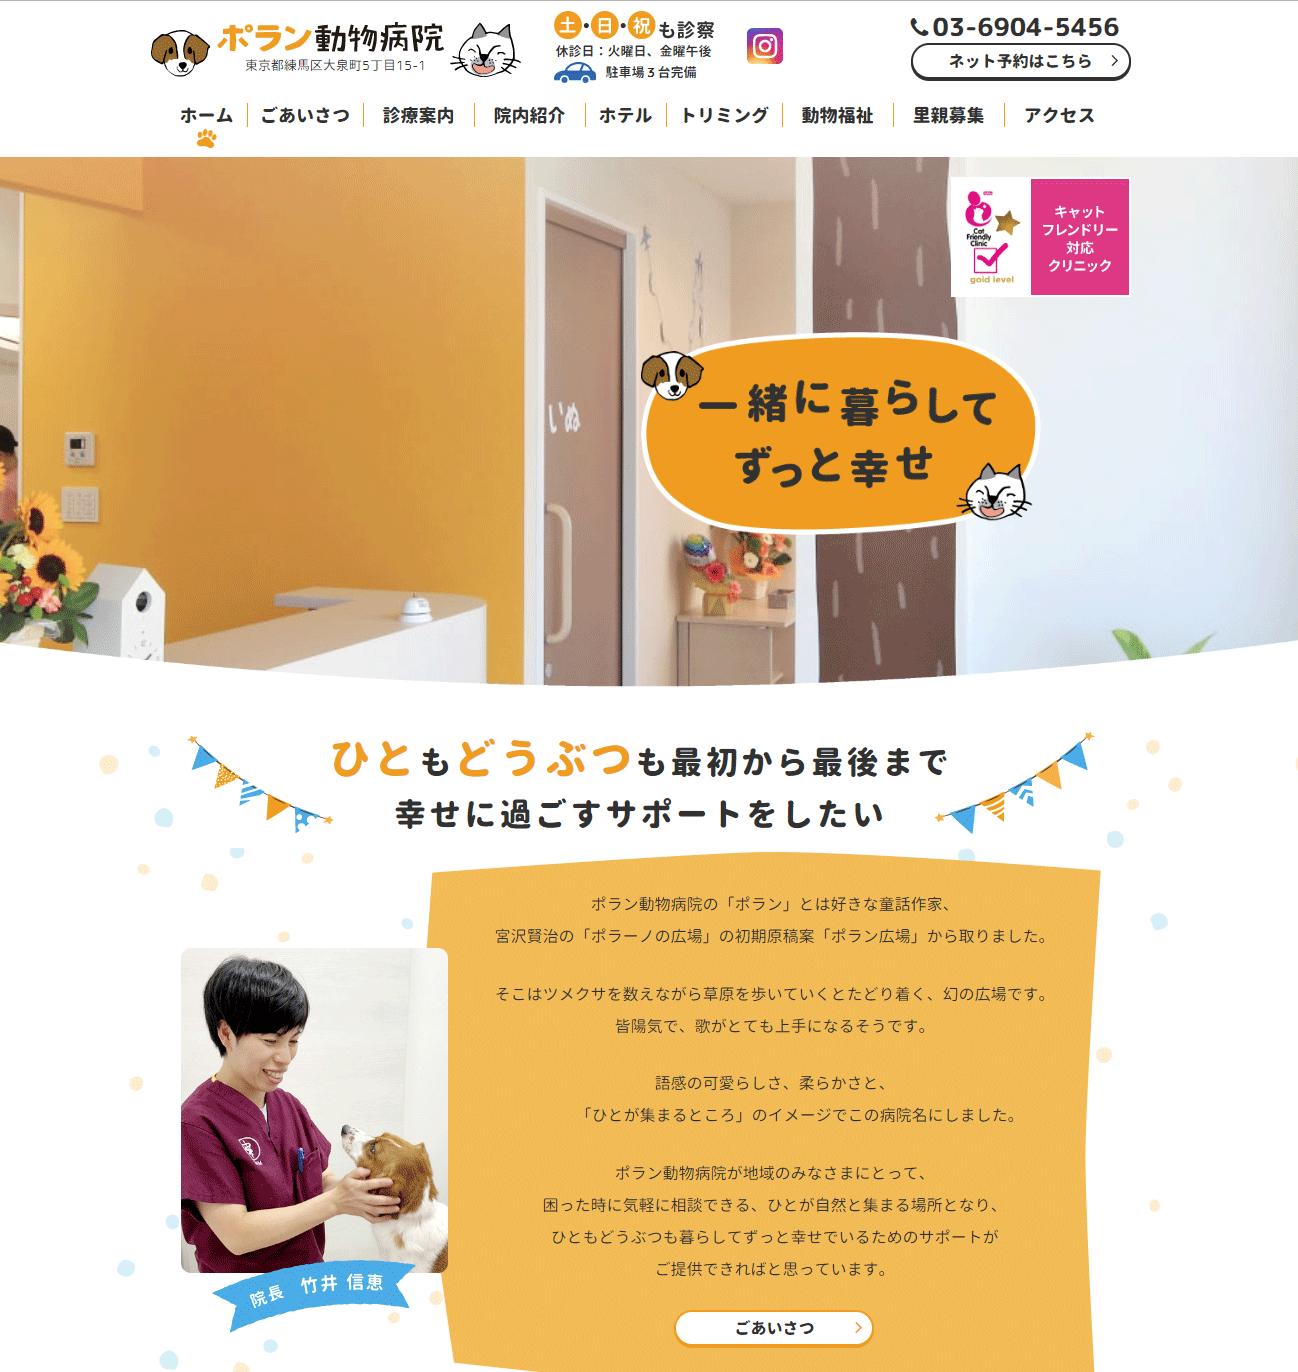 ポラン動物病院 ホームページ ウェブサイト スクリーンショット